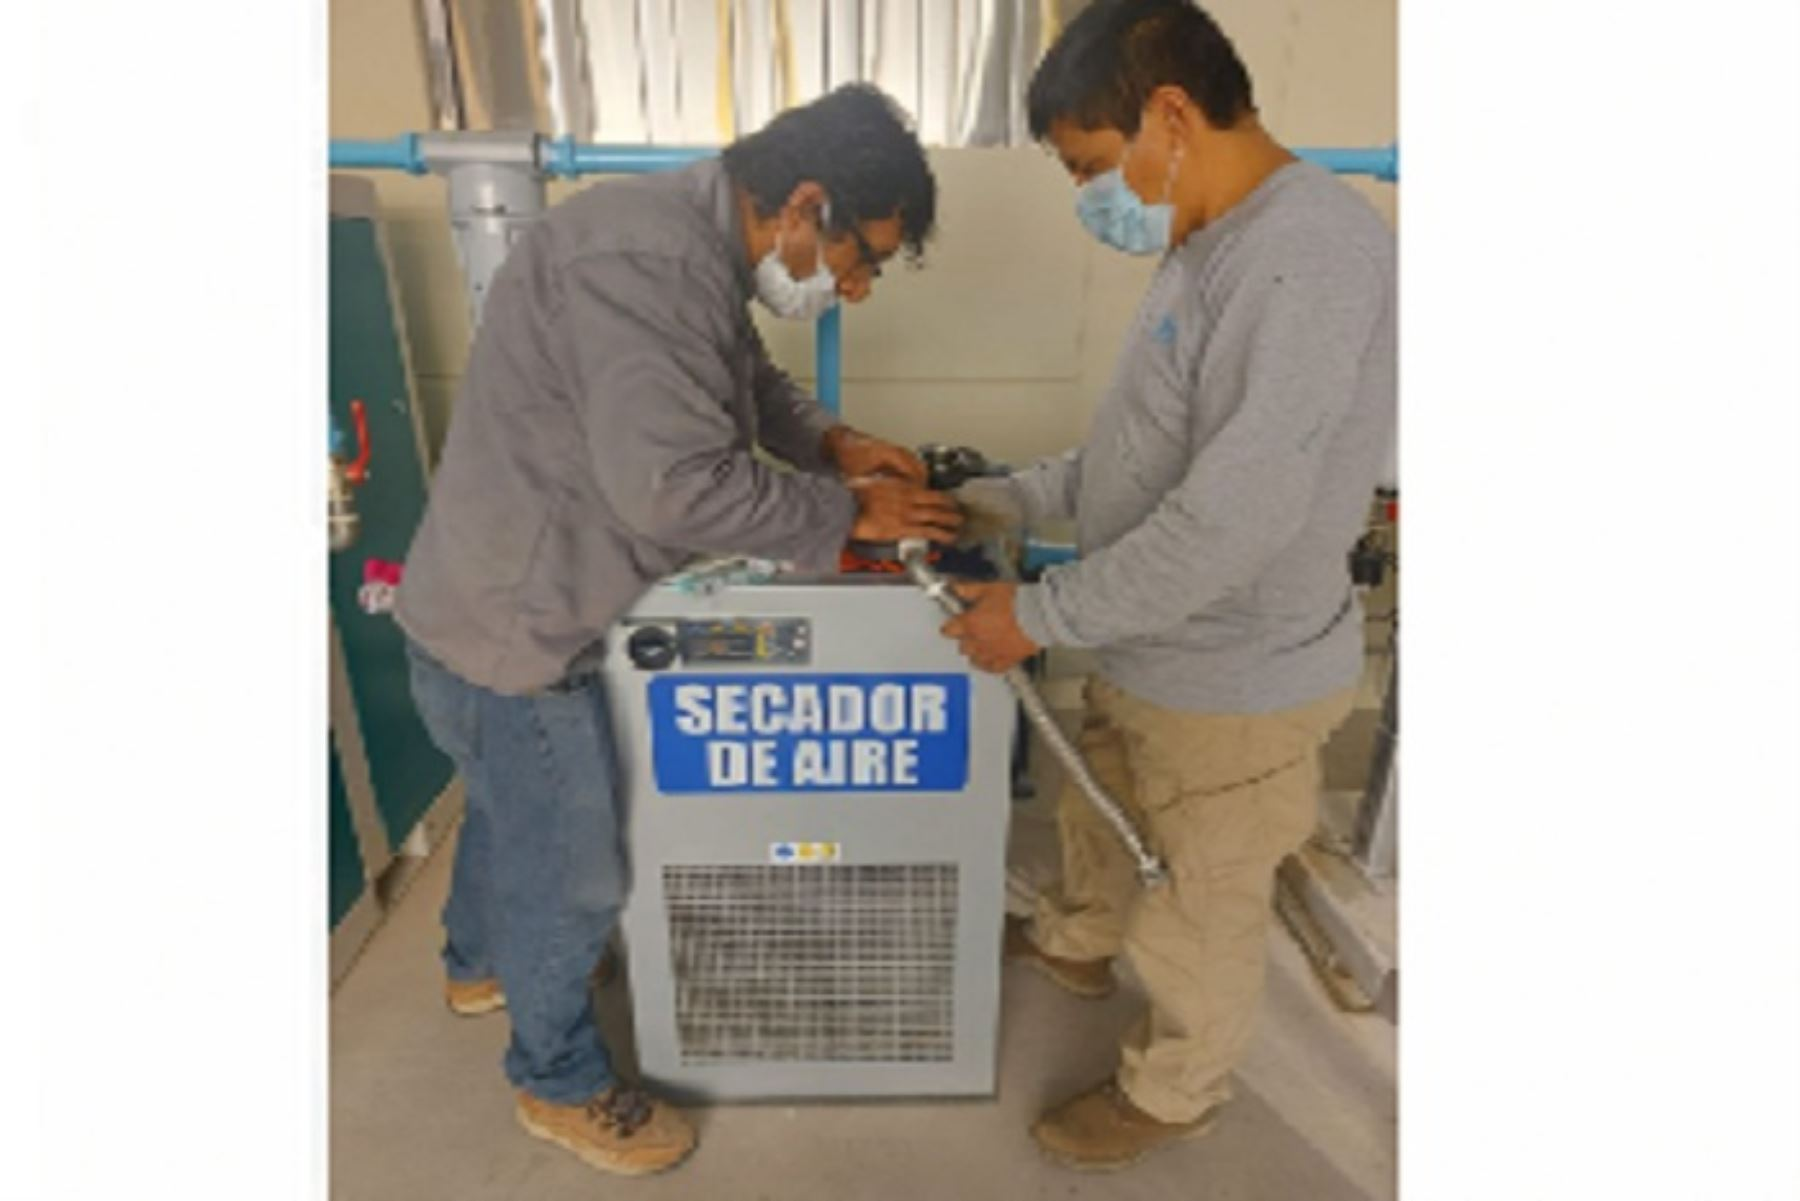 La planta de oxígeno medicinal del referido hospital tiene una capacidad de producción de 24 metros cúbicos por hora, que desde hoy distribuirá diariamente un promedio de 44 balones de 10 m3 cada uno.